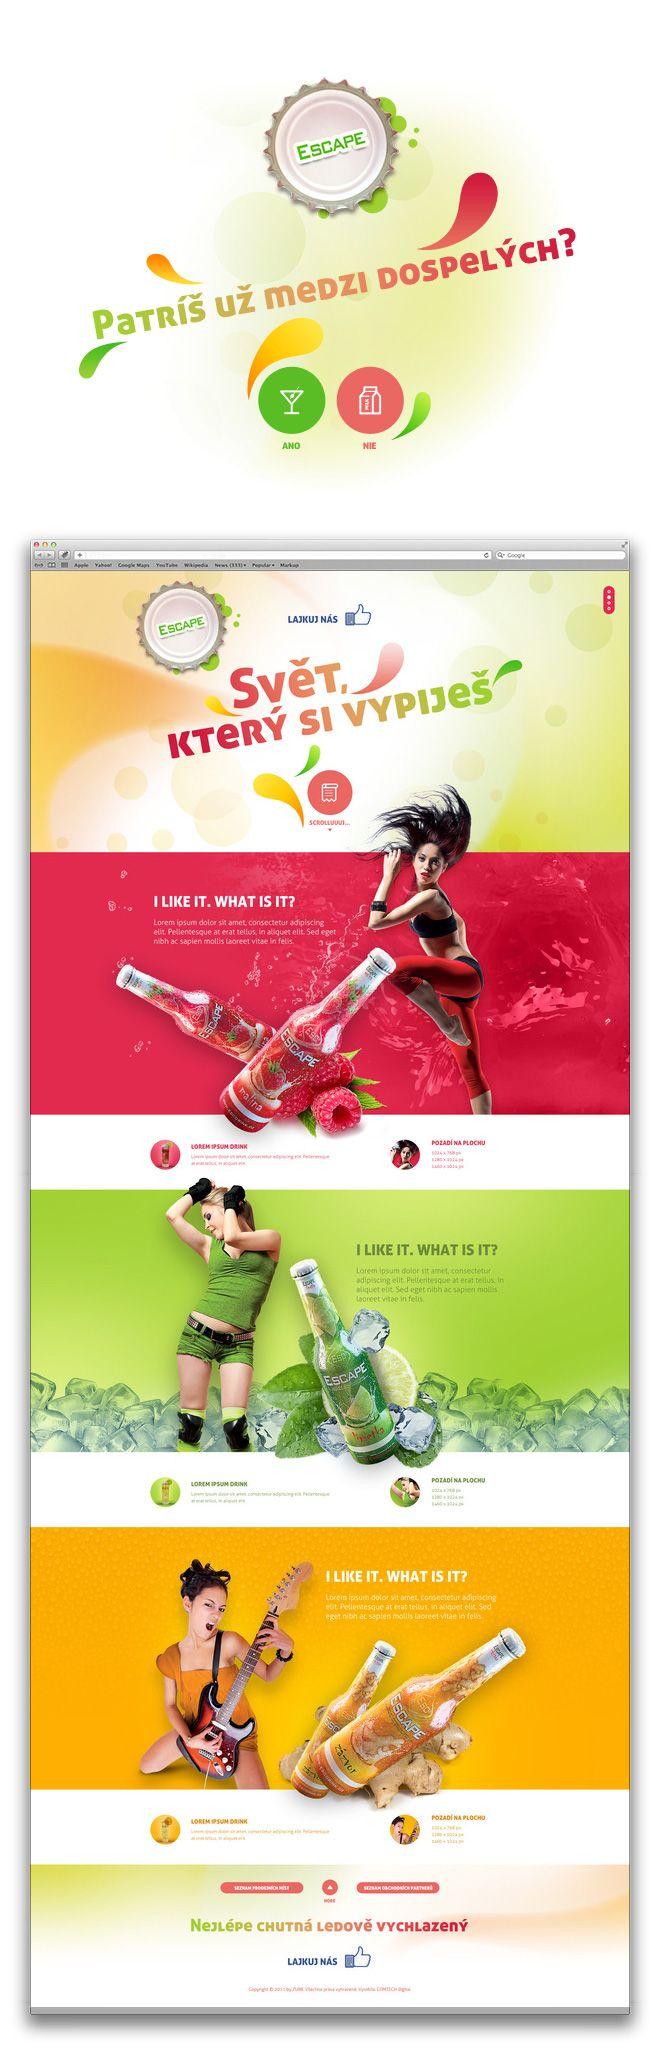 Escape drink | Art4web | Kreatívna internetová agentúra | Tvorba webstránok, Grafický design, Copywriting, SEO